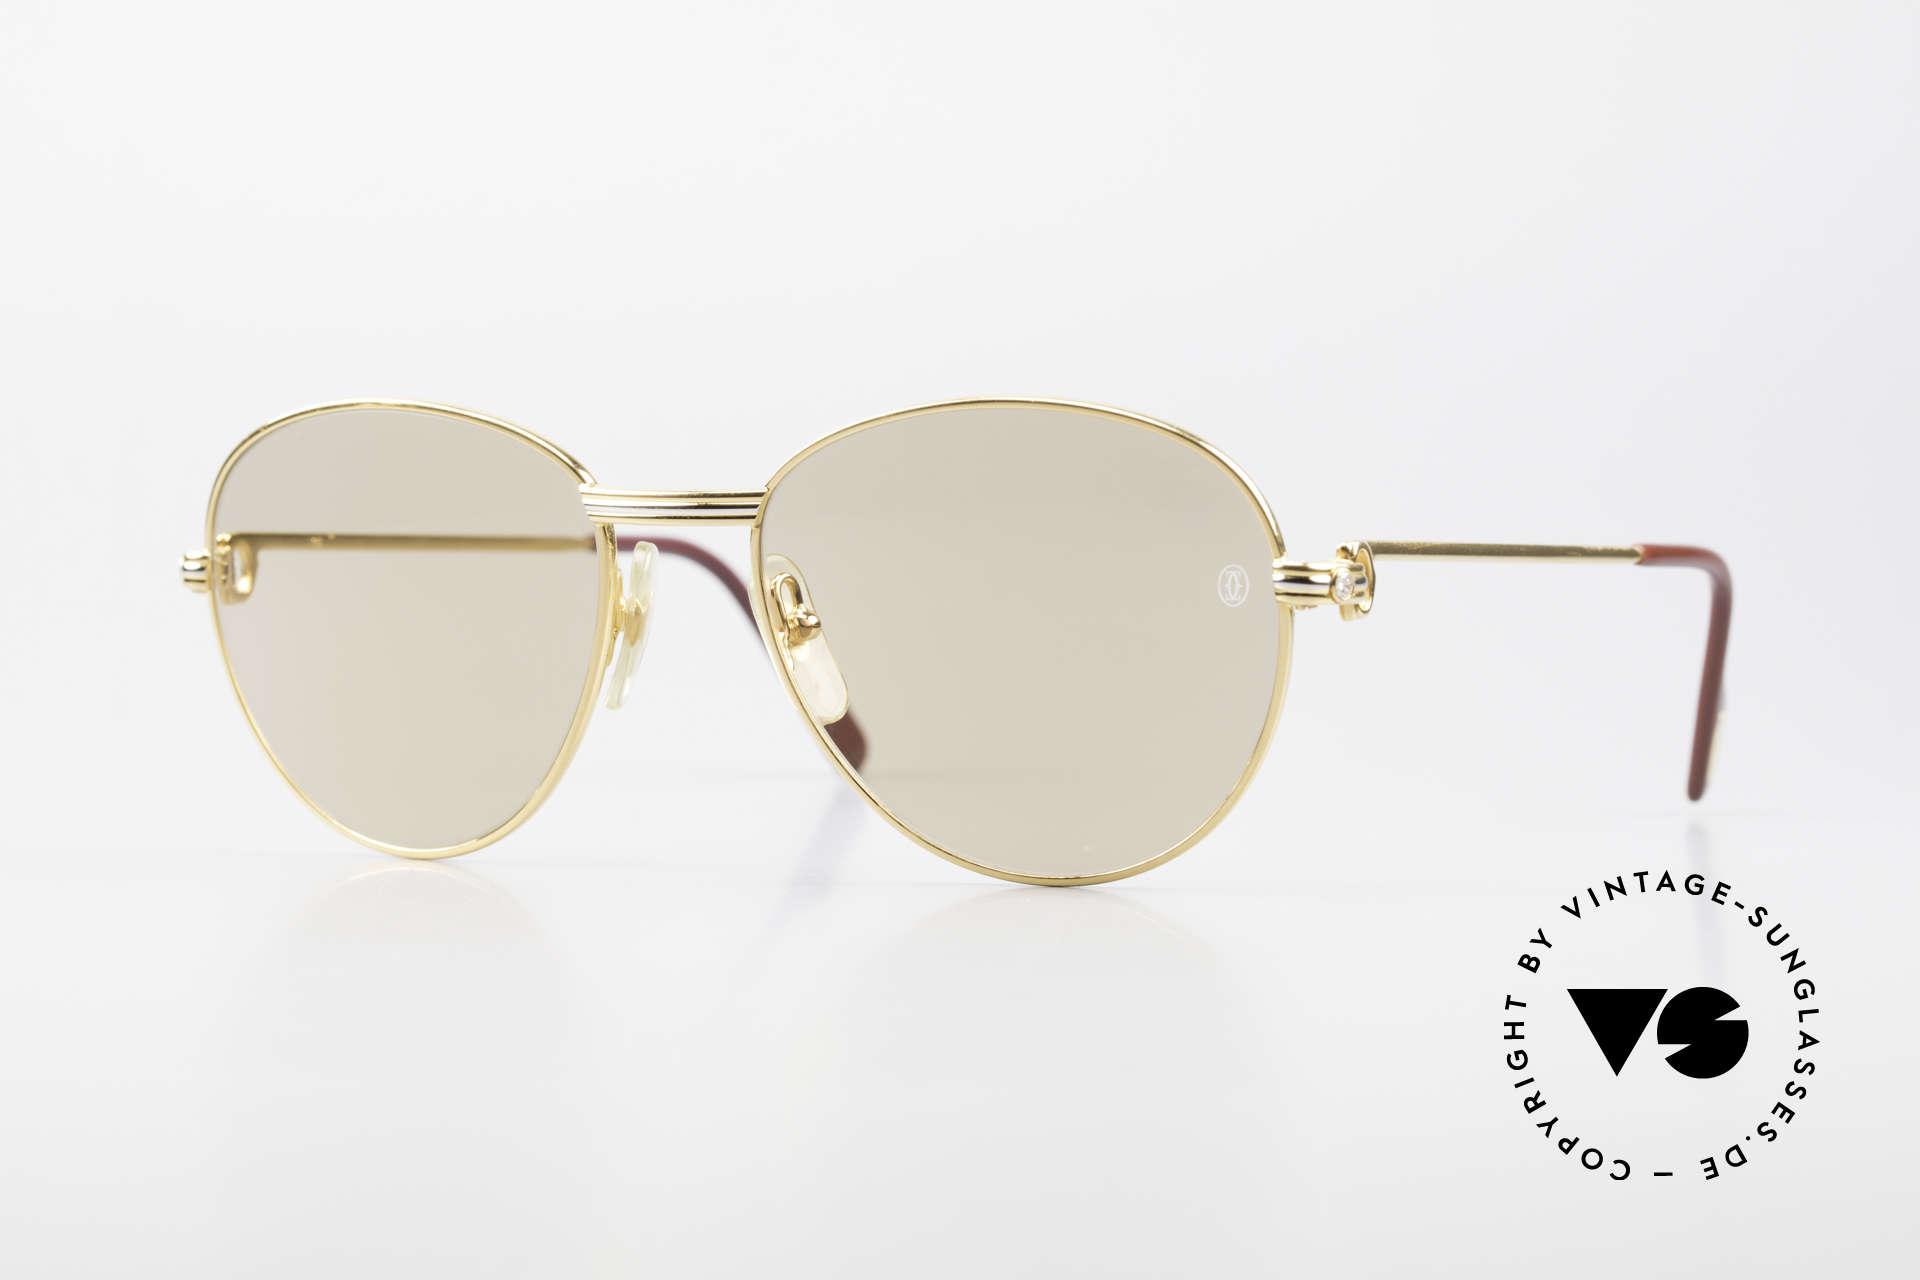 Cartier S Brillants 0,20 ct 80er Diamanten Sonnenbrille, runde Cartier Luxus-Sonnenbrille in Größe 55°18, Passend für Damen